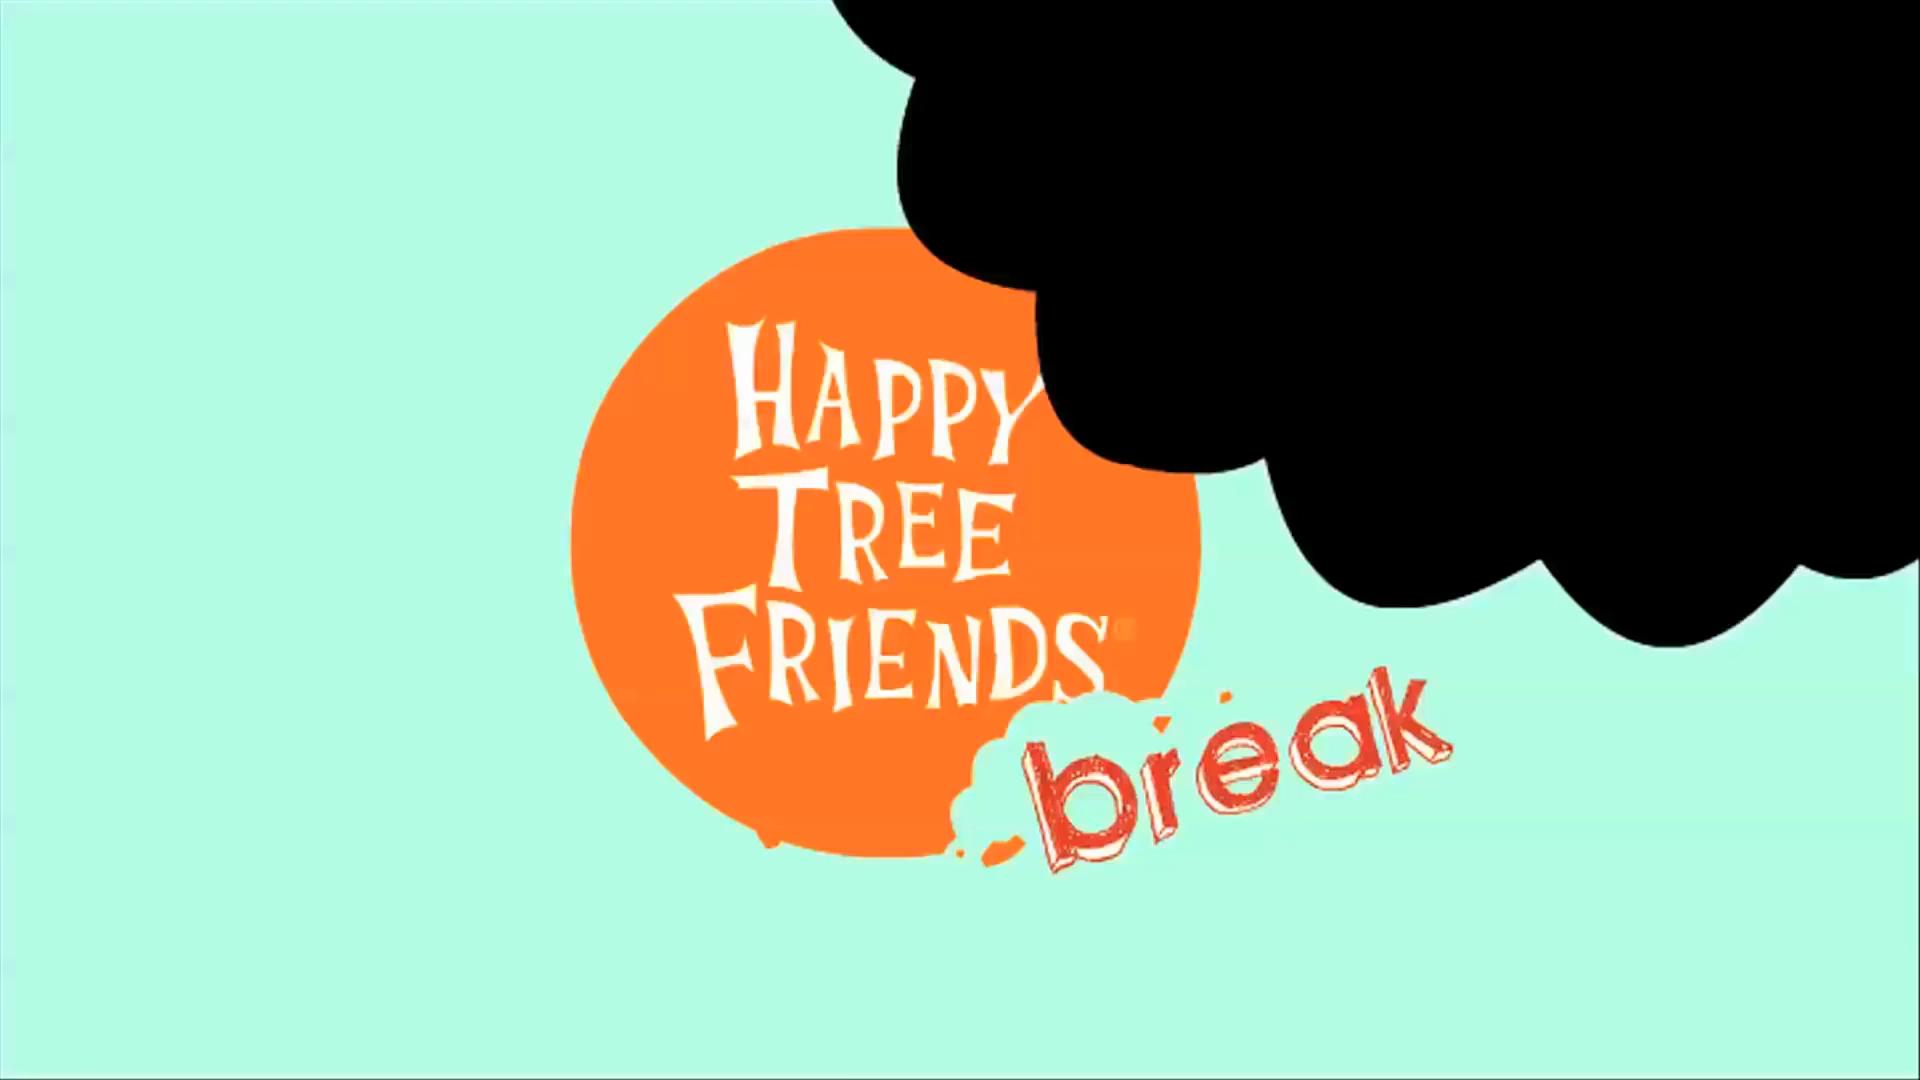 انیمیشن دوستان درختی شاد-فصل HTF Break قسمت 10- سال 2008- تمام قسمت ها در لینک زیر این ویدیو